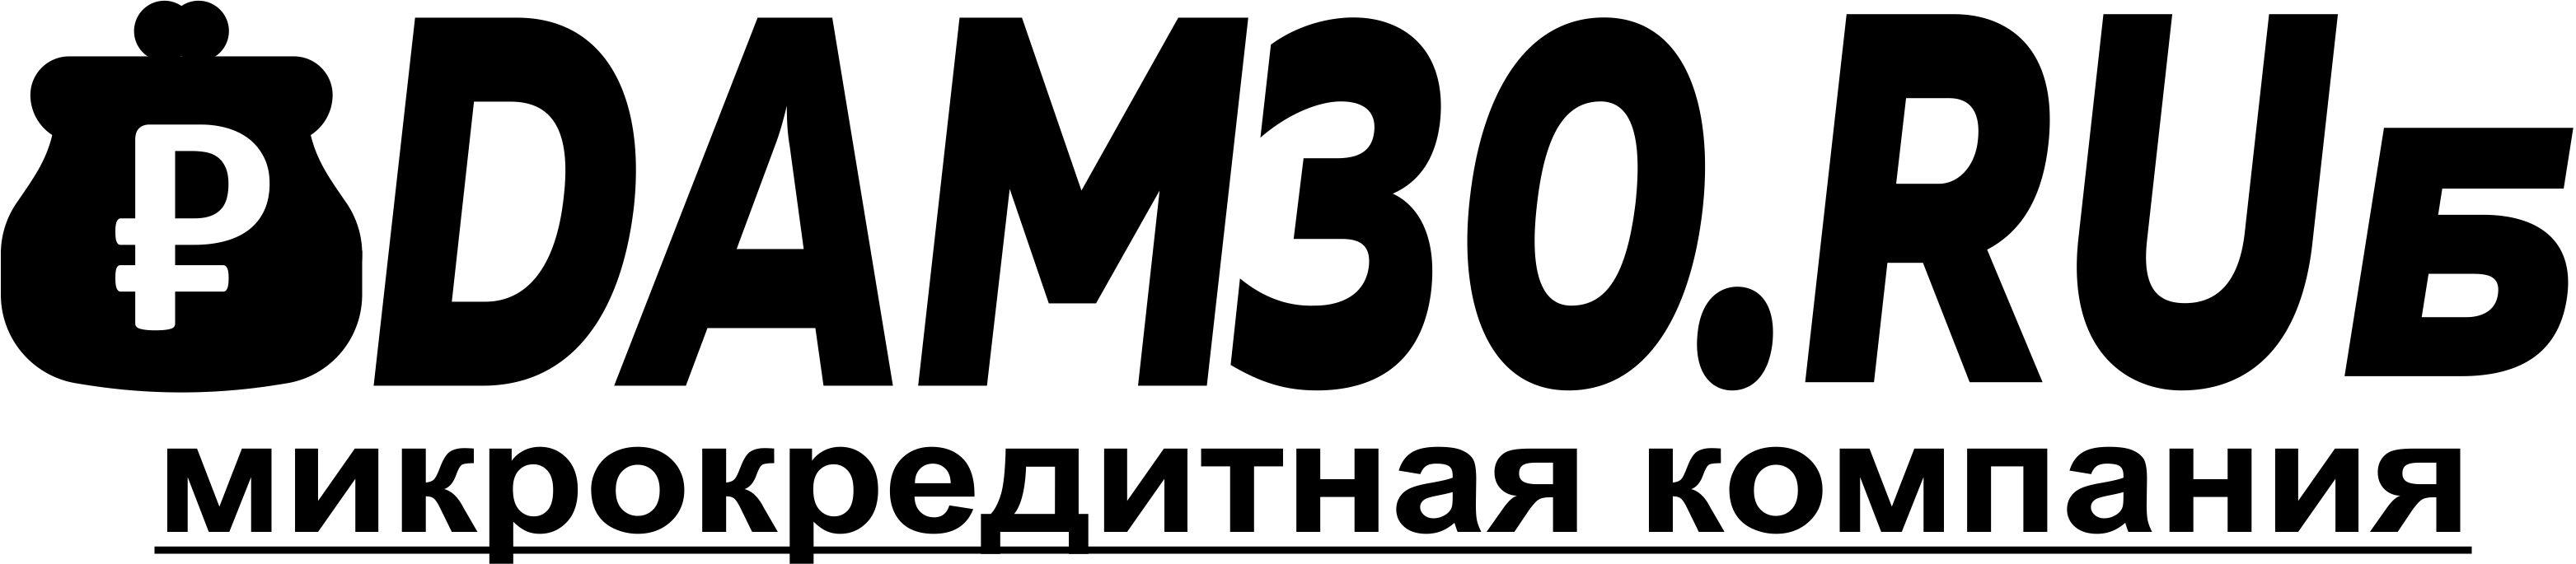 Логотип для микрокредитной, микрофинансовой компании фото f_5405a3128390deaa.jpg